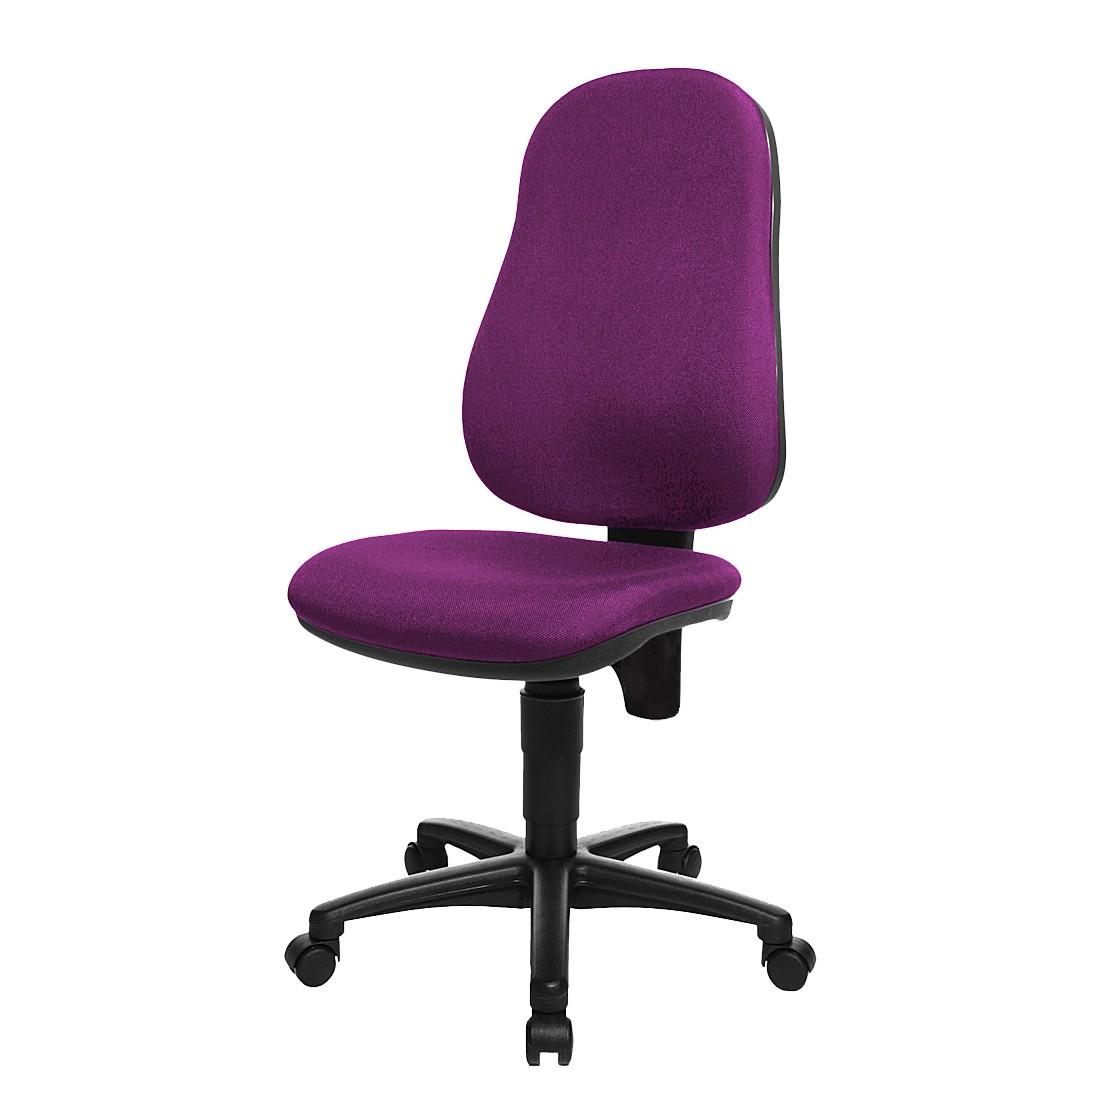 home24 Buerostuhl Point 60 | Büro > Bürostühle und Sessel  > Bürostühle | Topstar